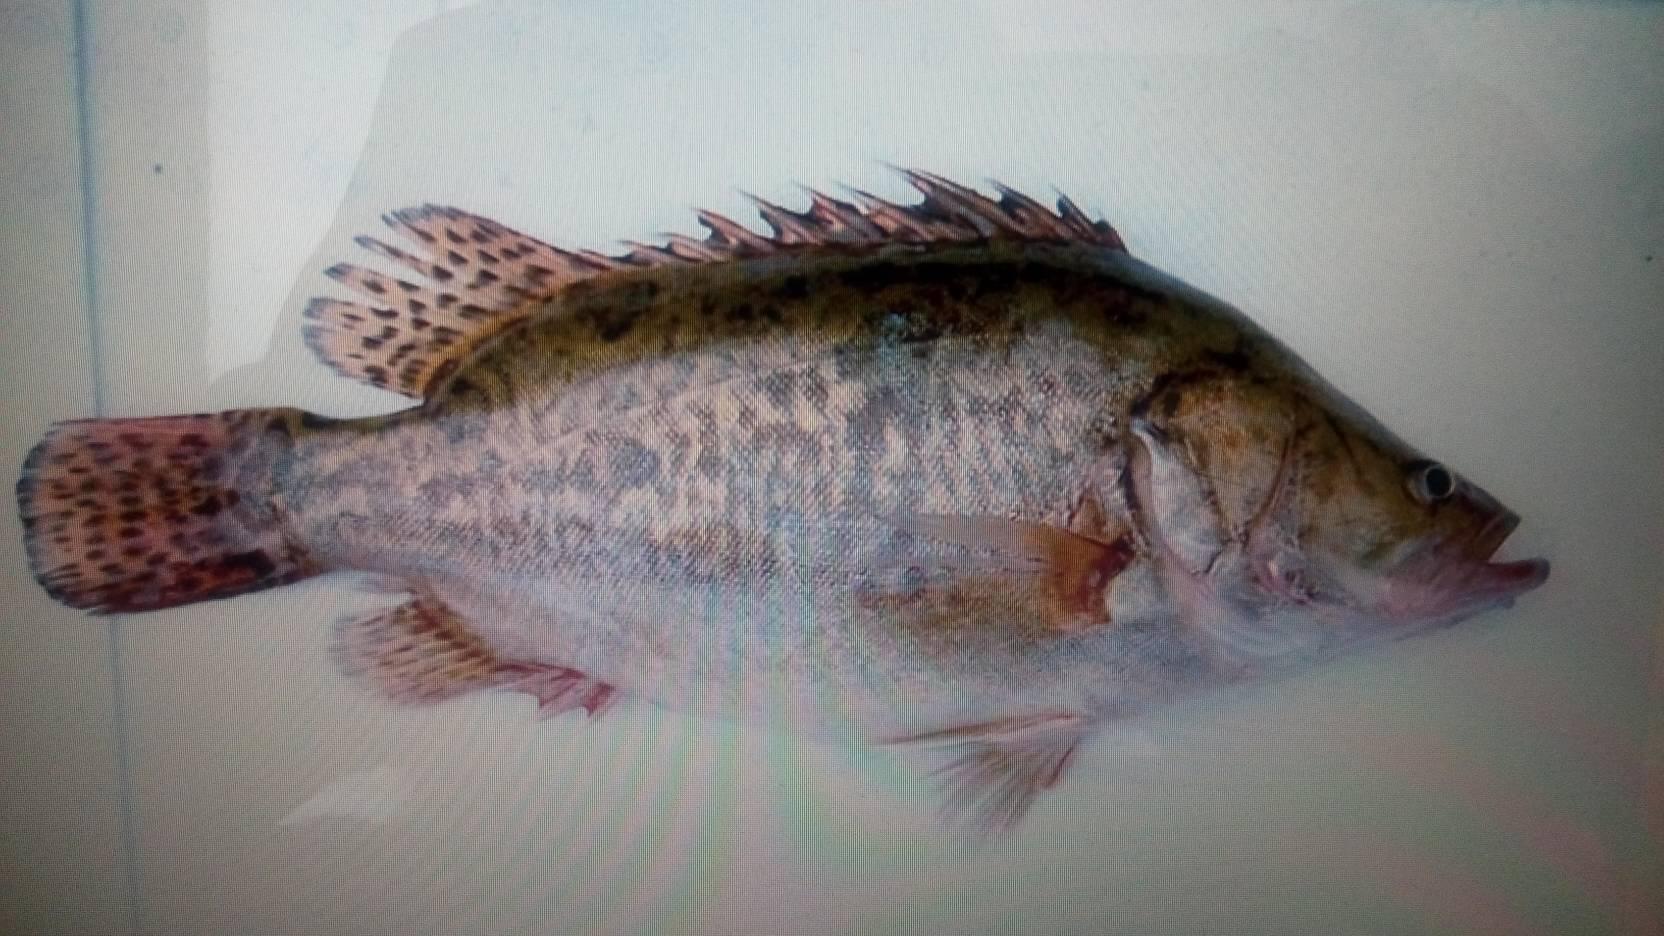 北京桂鱼多少钱一斤_这是什么鱼,多少钱一斤,野生的_百度知道